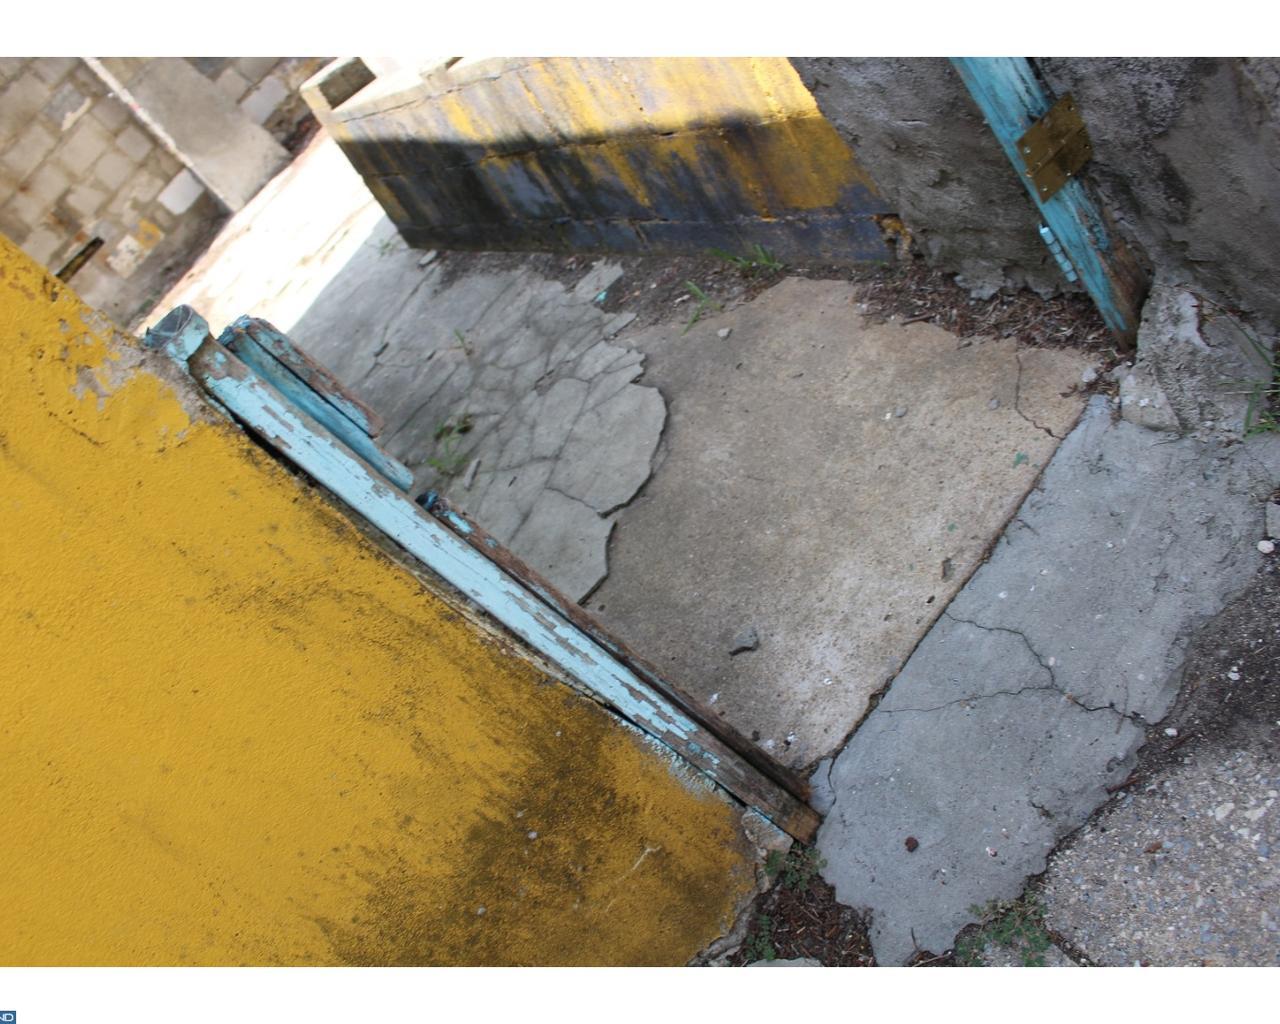 http://photos.listhub.net/RFGC21/DTY82X/2?lm=20170831T064107